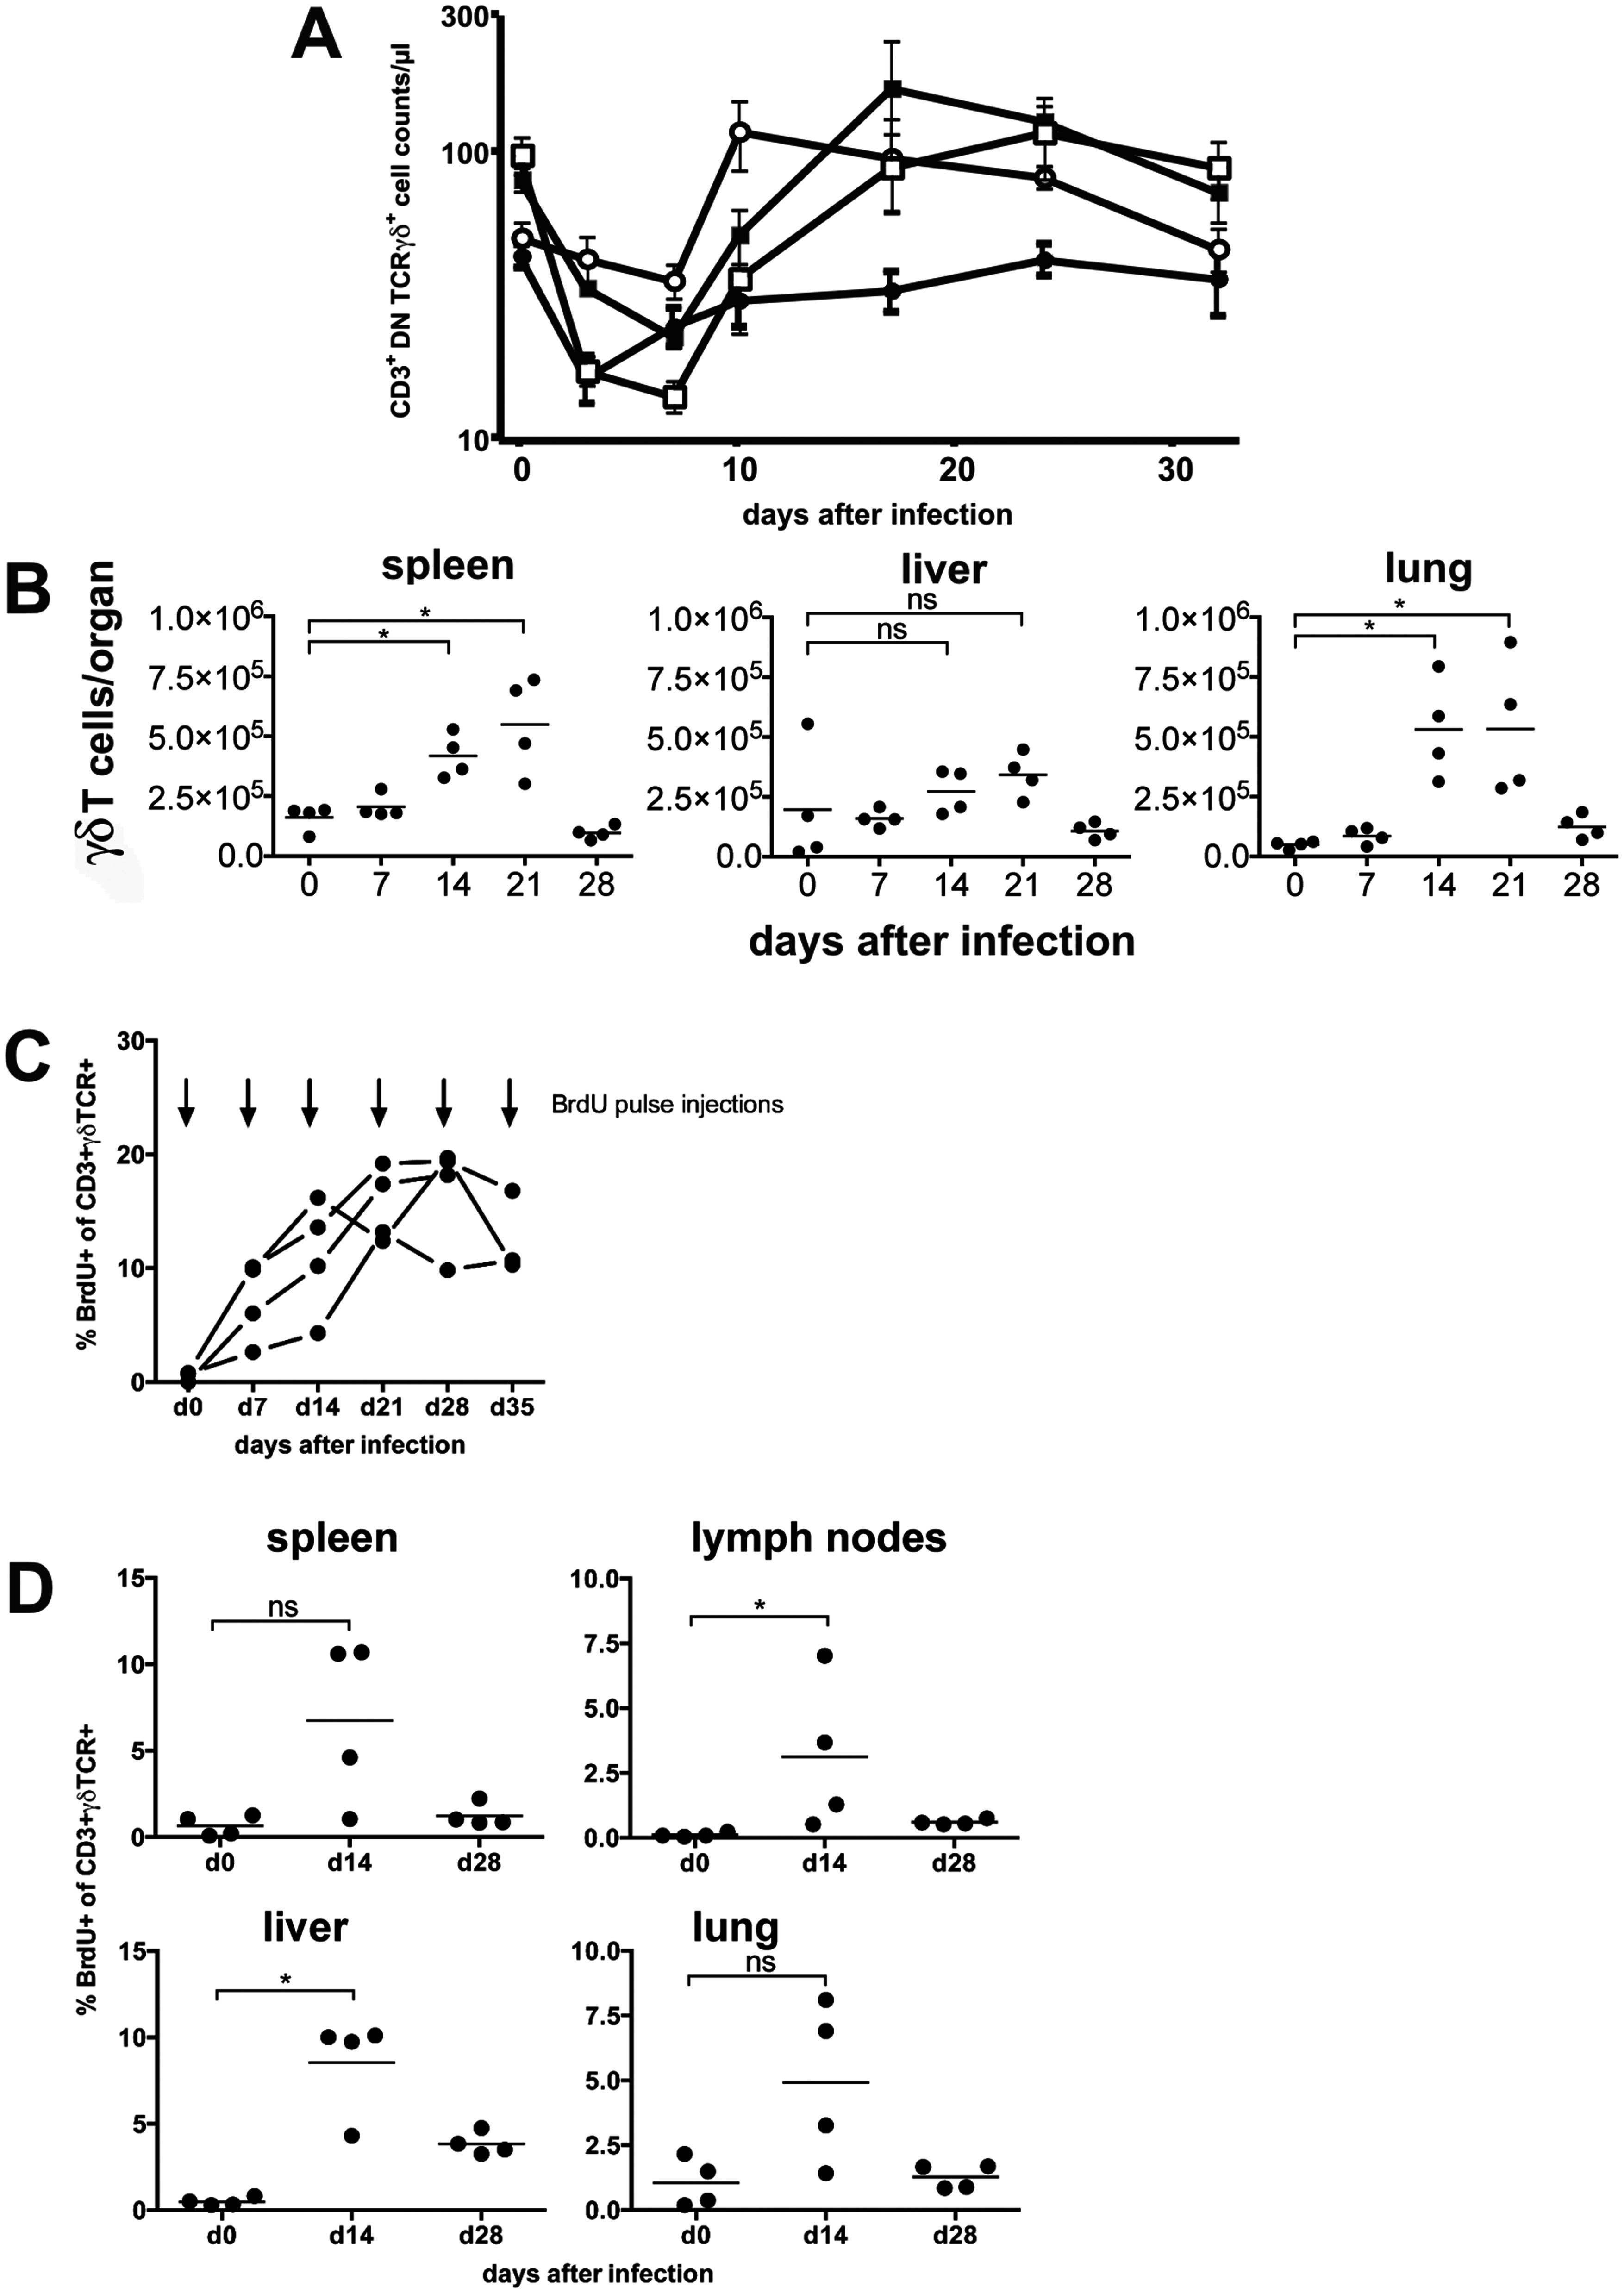 γδ T cells proliferate in the peripheral blood and in target organs after infection.